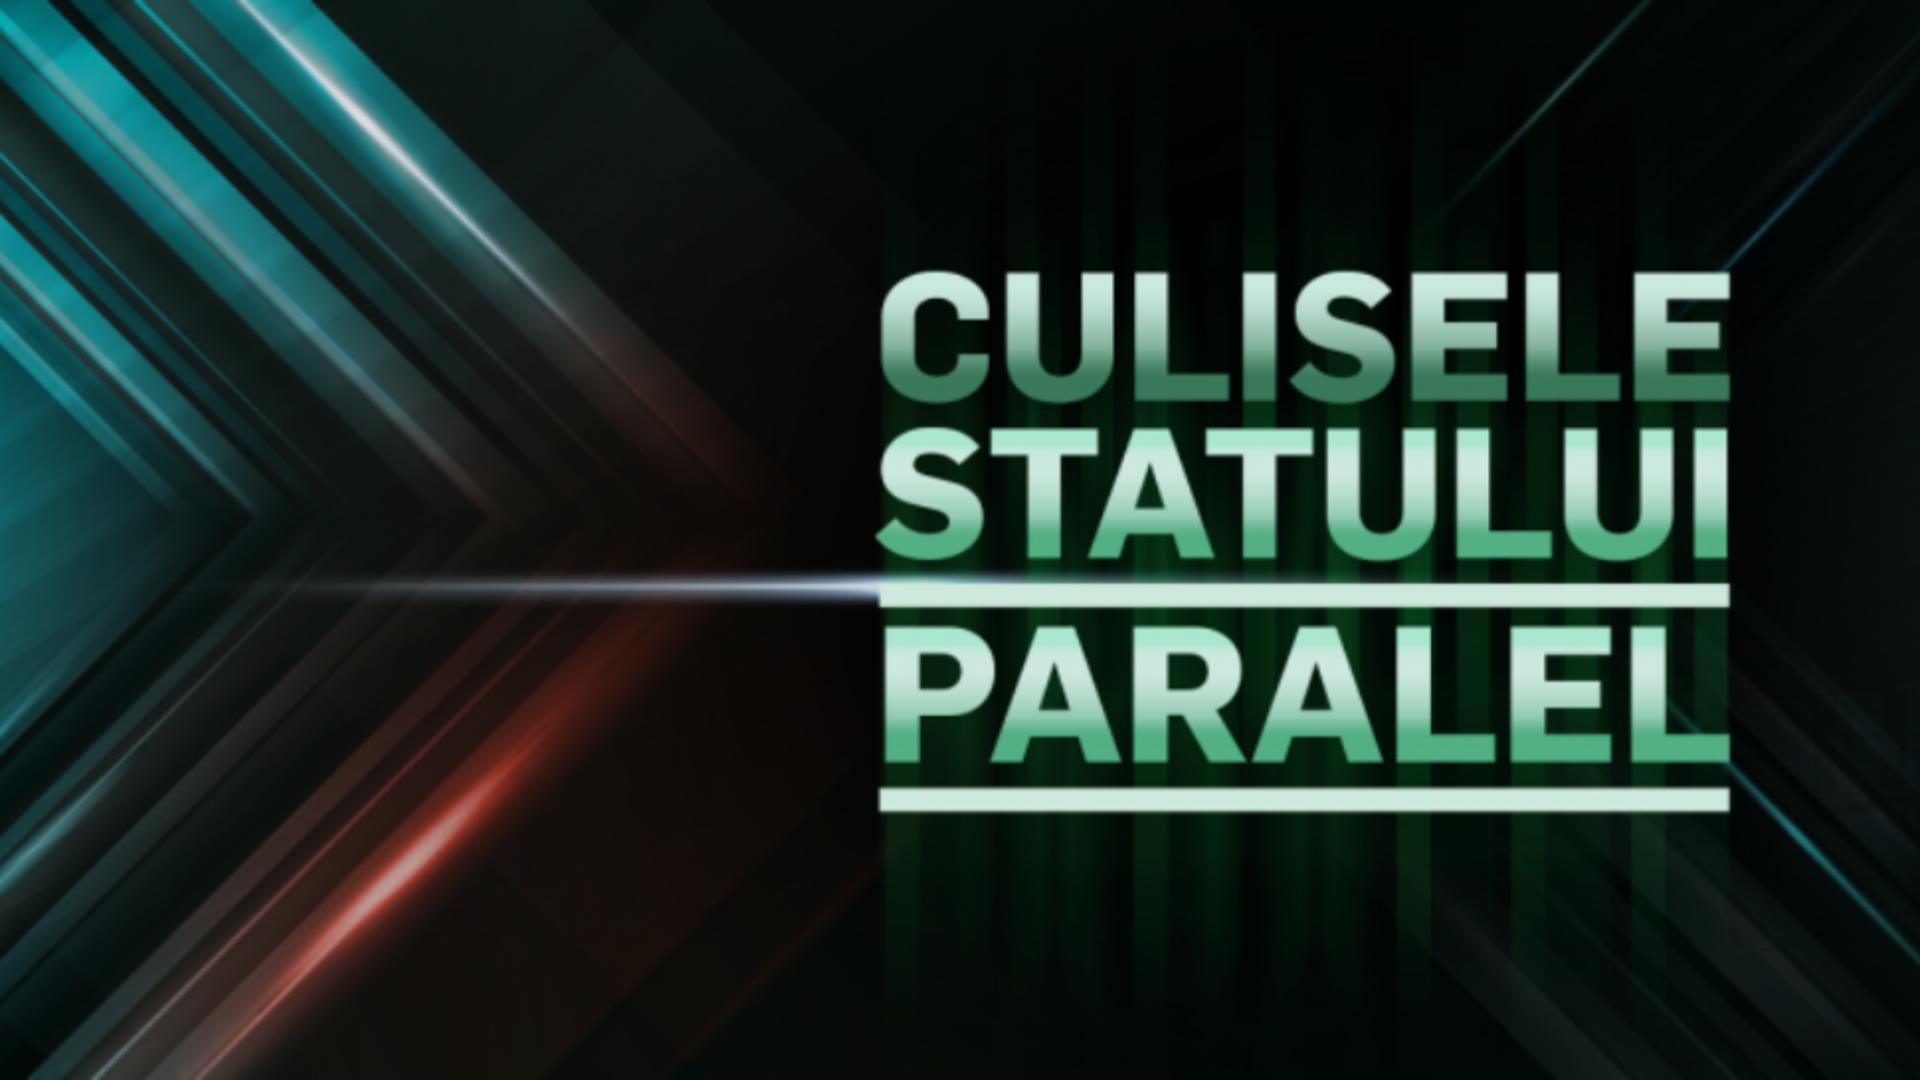 Culisele Statului paralel